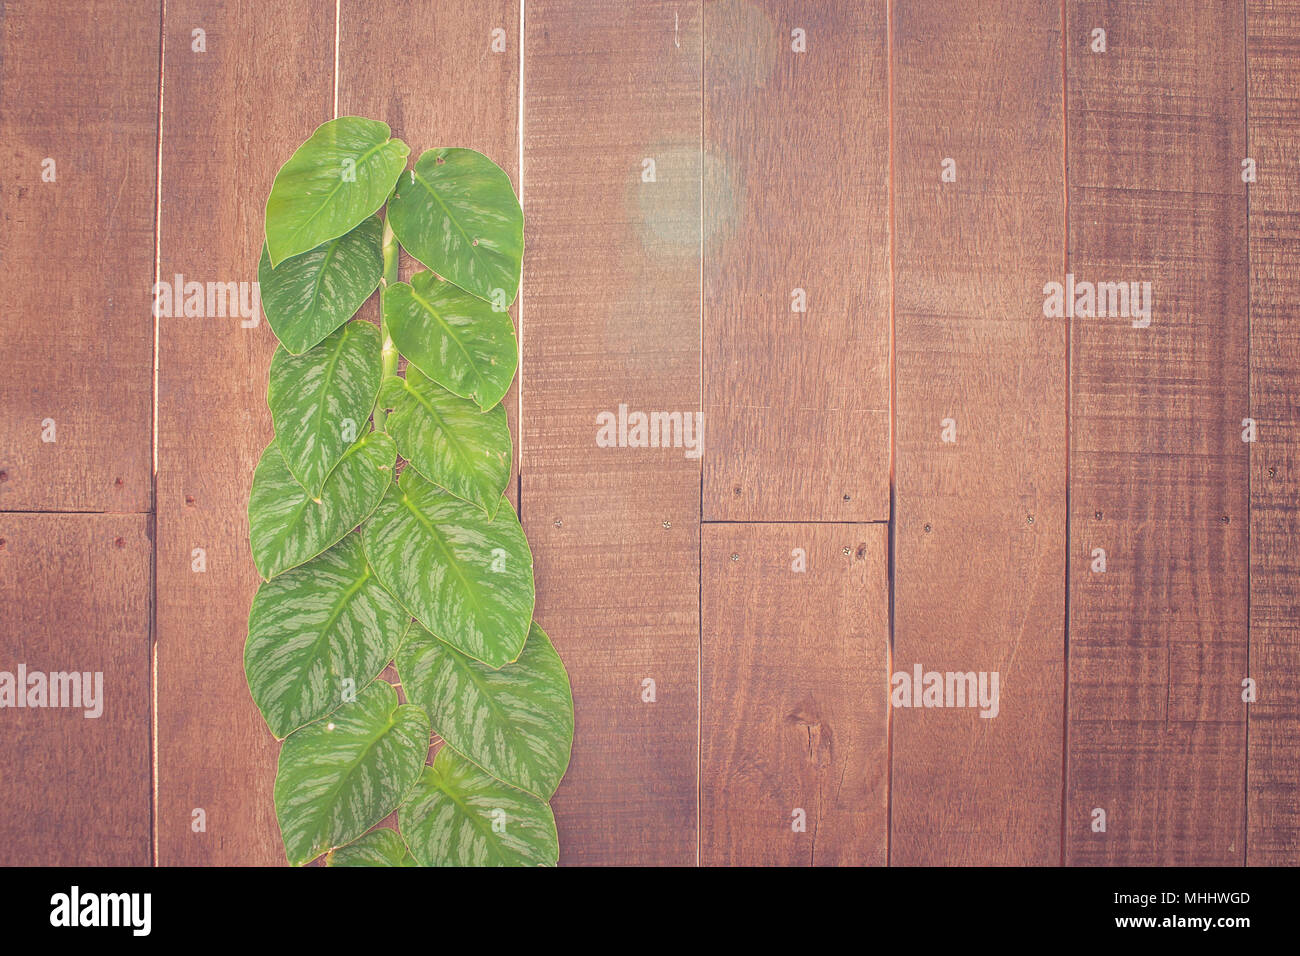 Decorazioni In Legno Per Pareti : Verde la crescita di edera sulla parete di legno per giardino